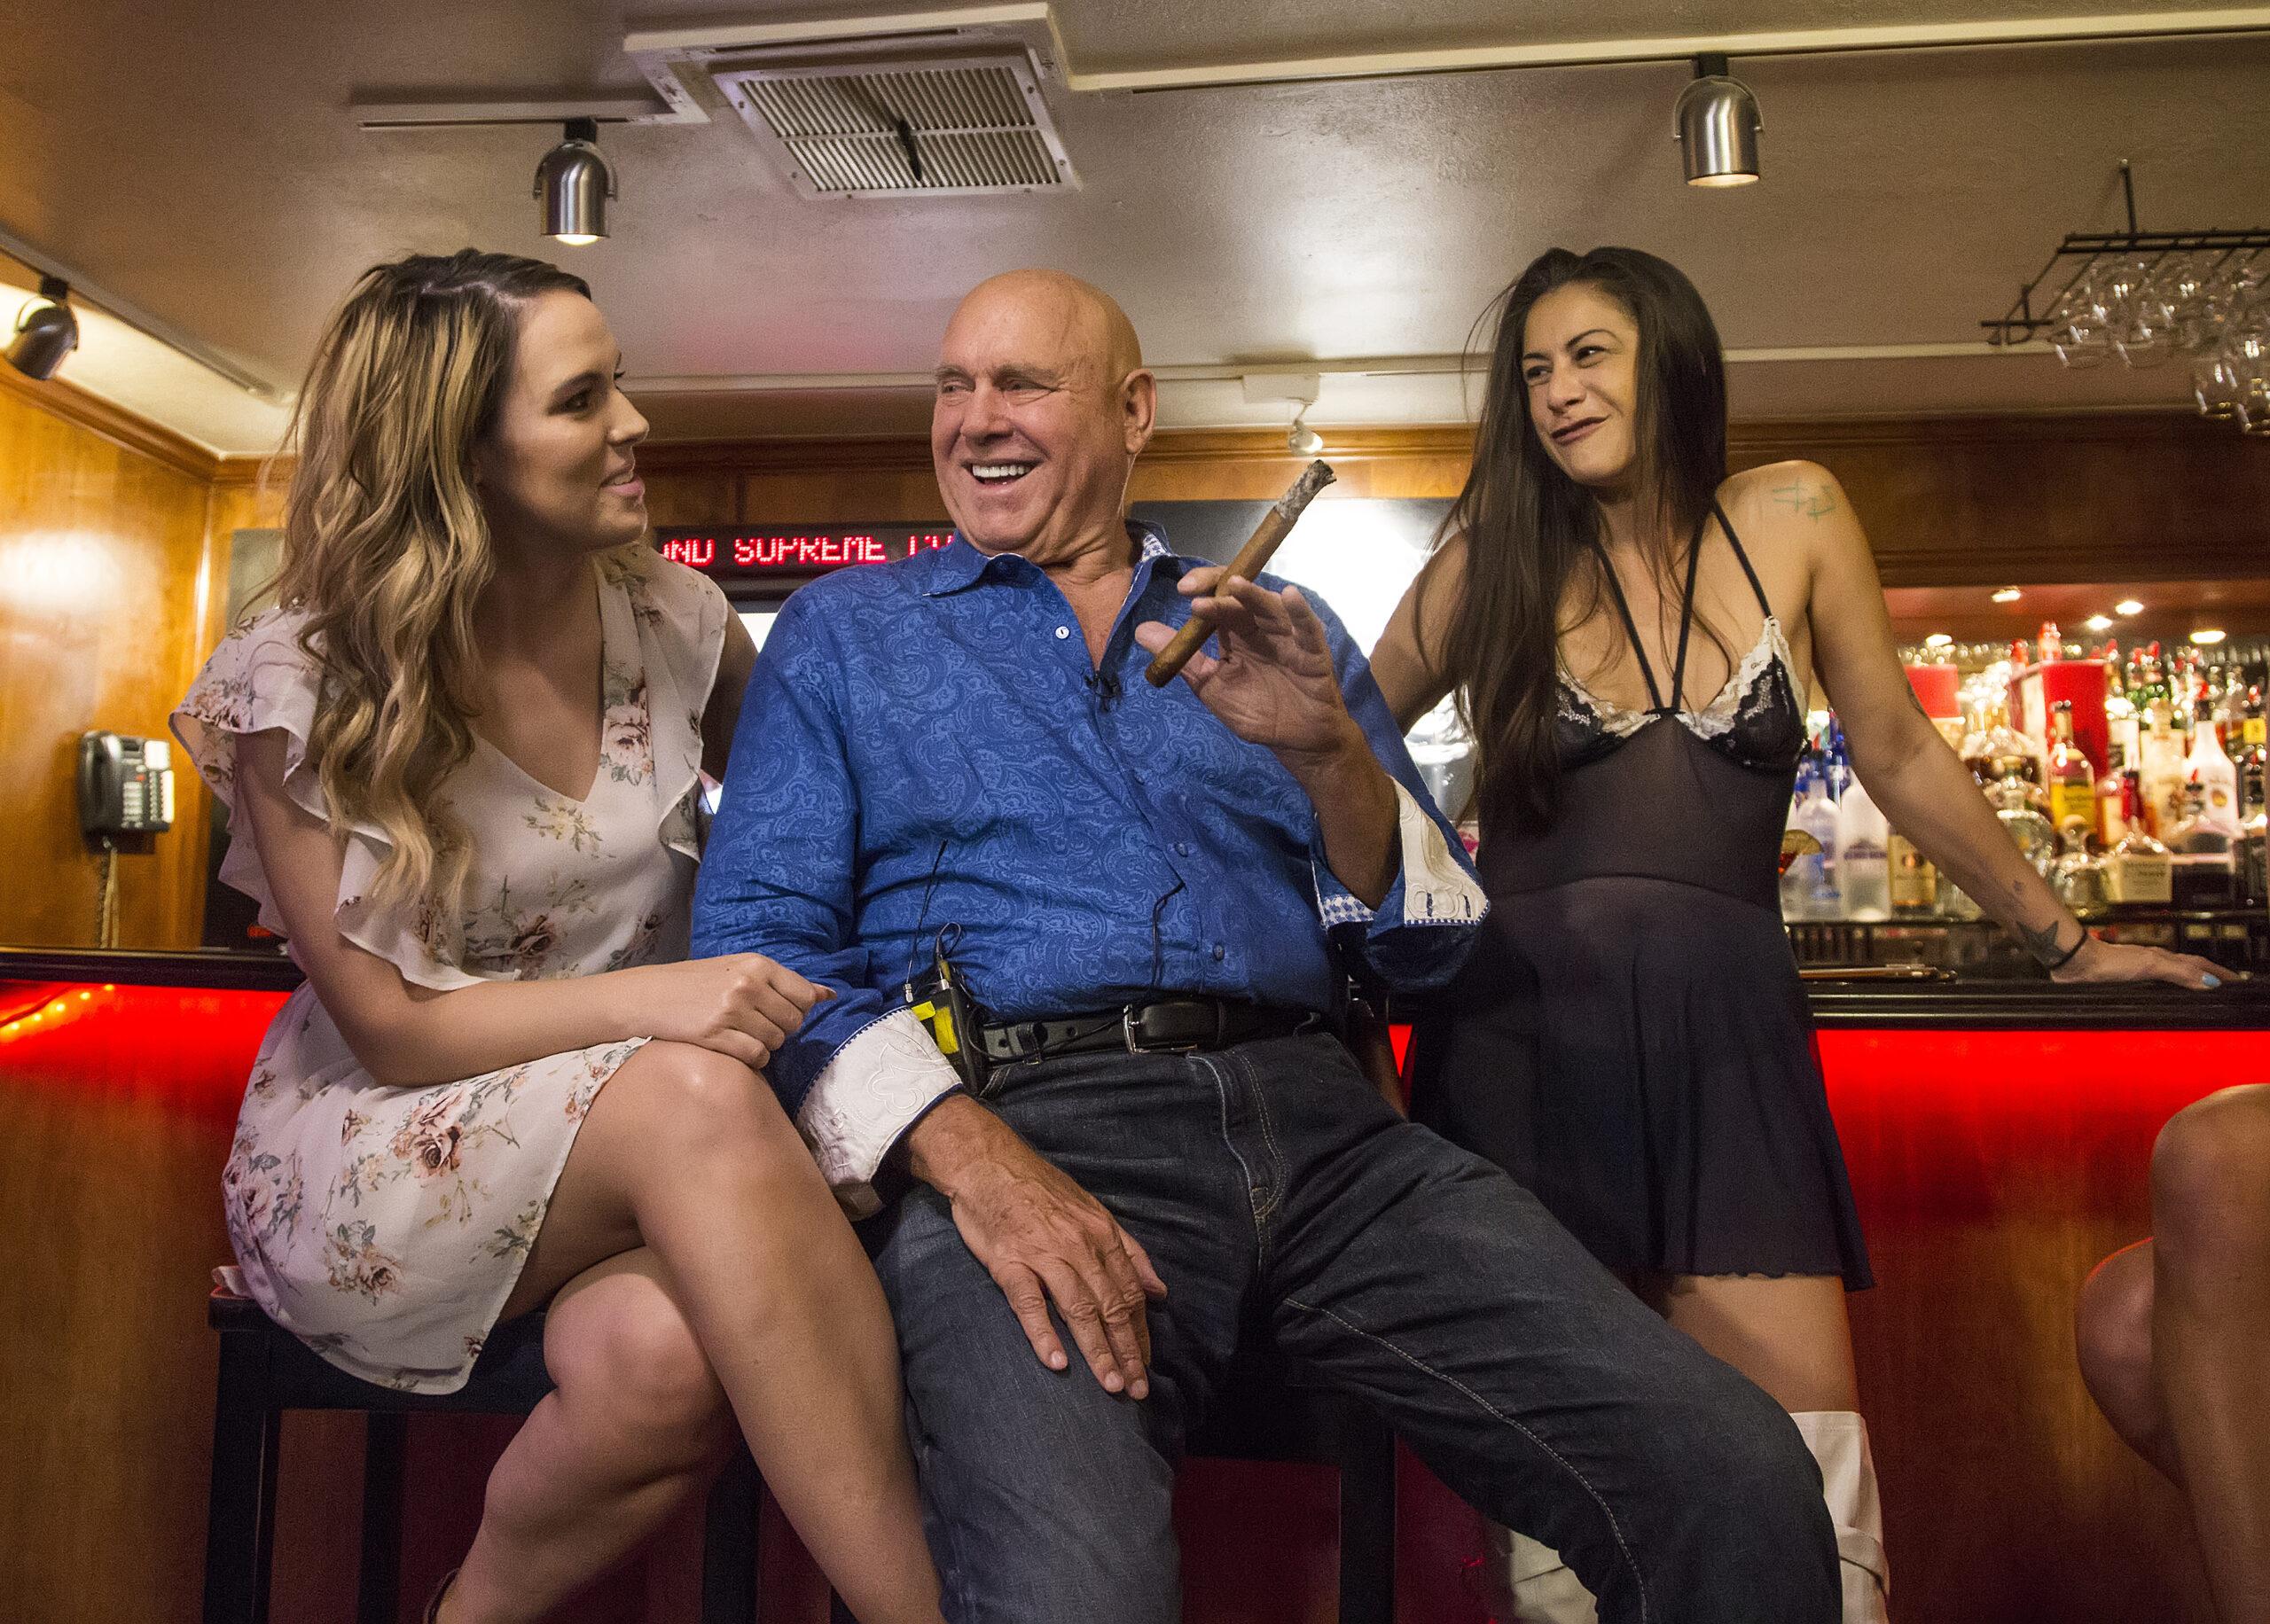 Dennis Hof sits between two women